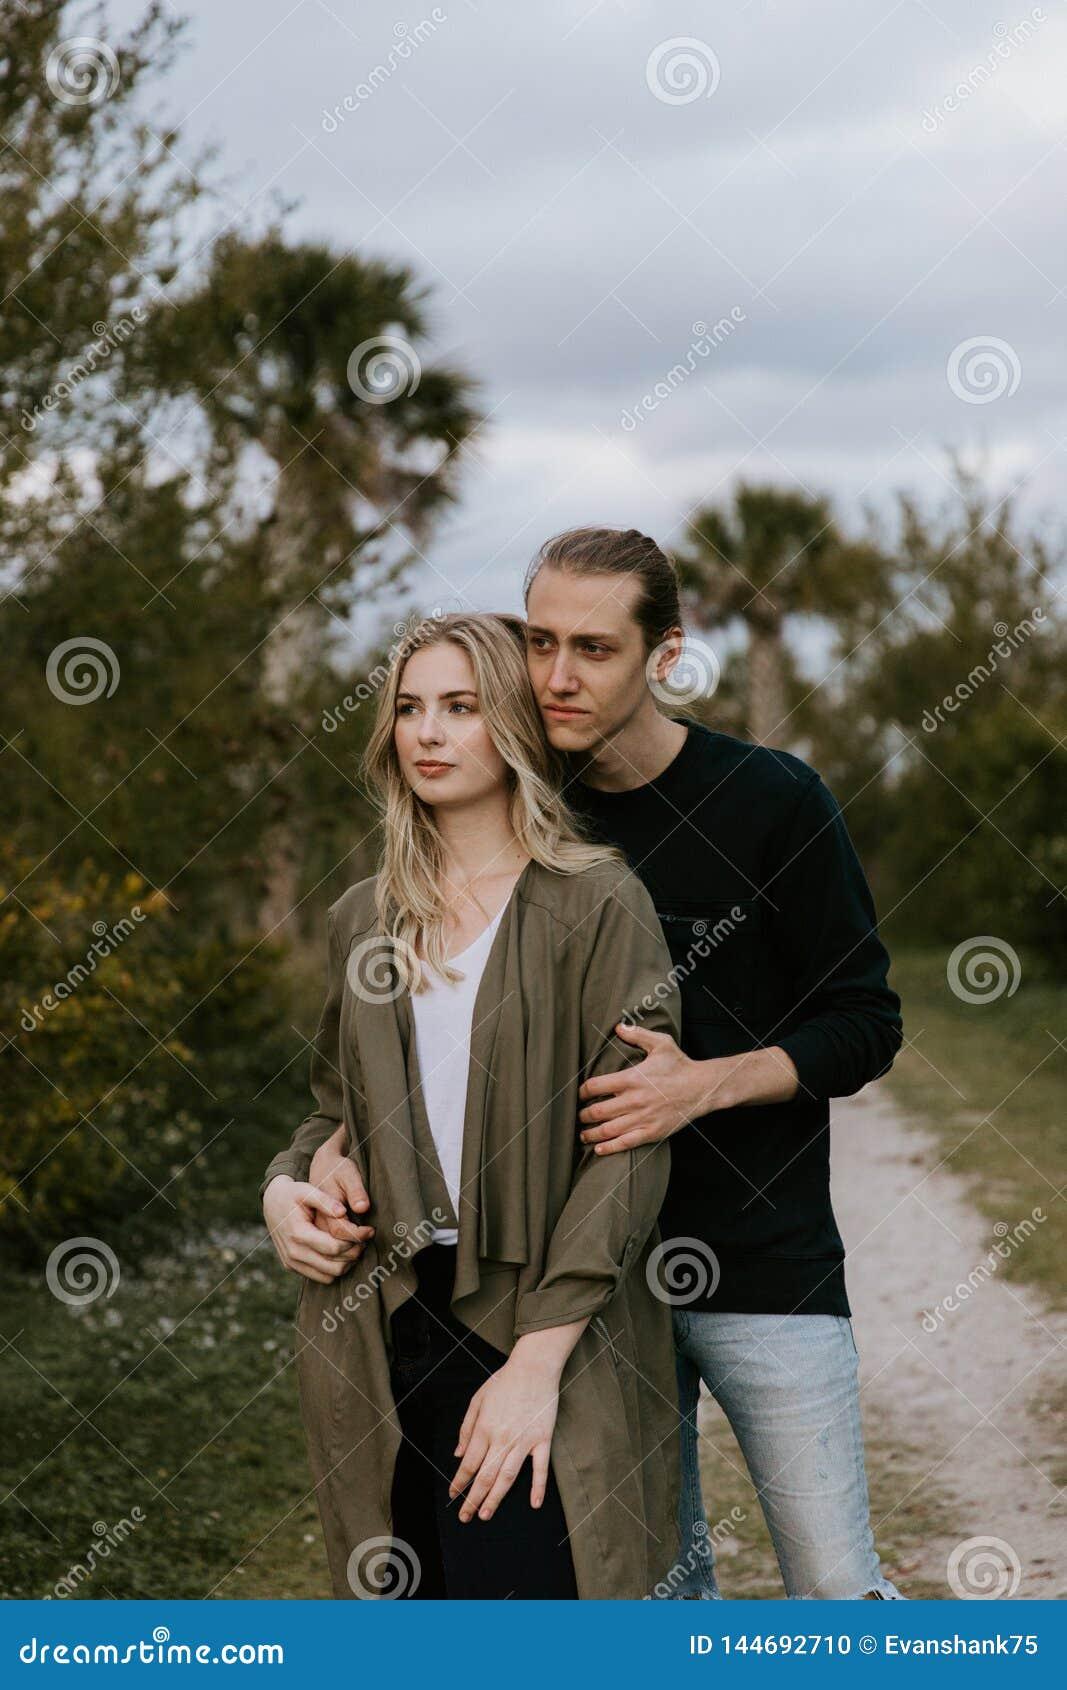 Romantisch en Houdend van Jong Volwassen Paar bij het Park dat Aard bekijkt en de Horizon voor Portretbeelden